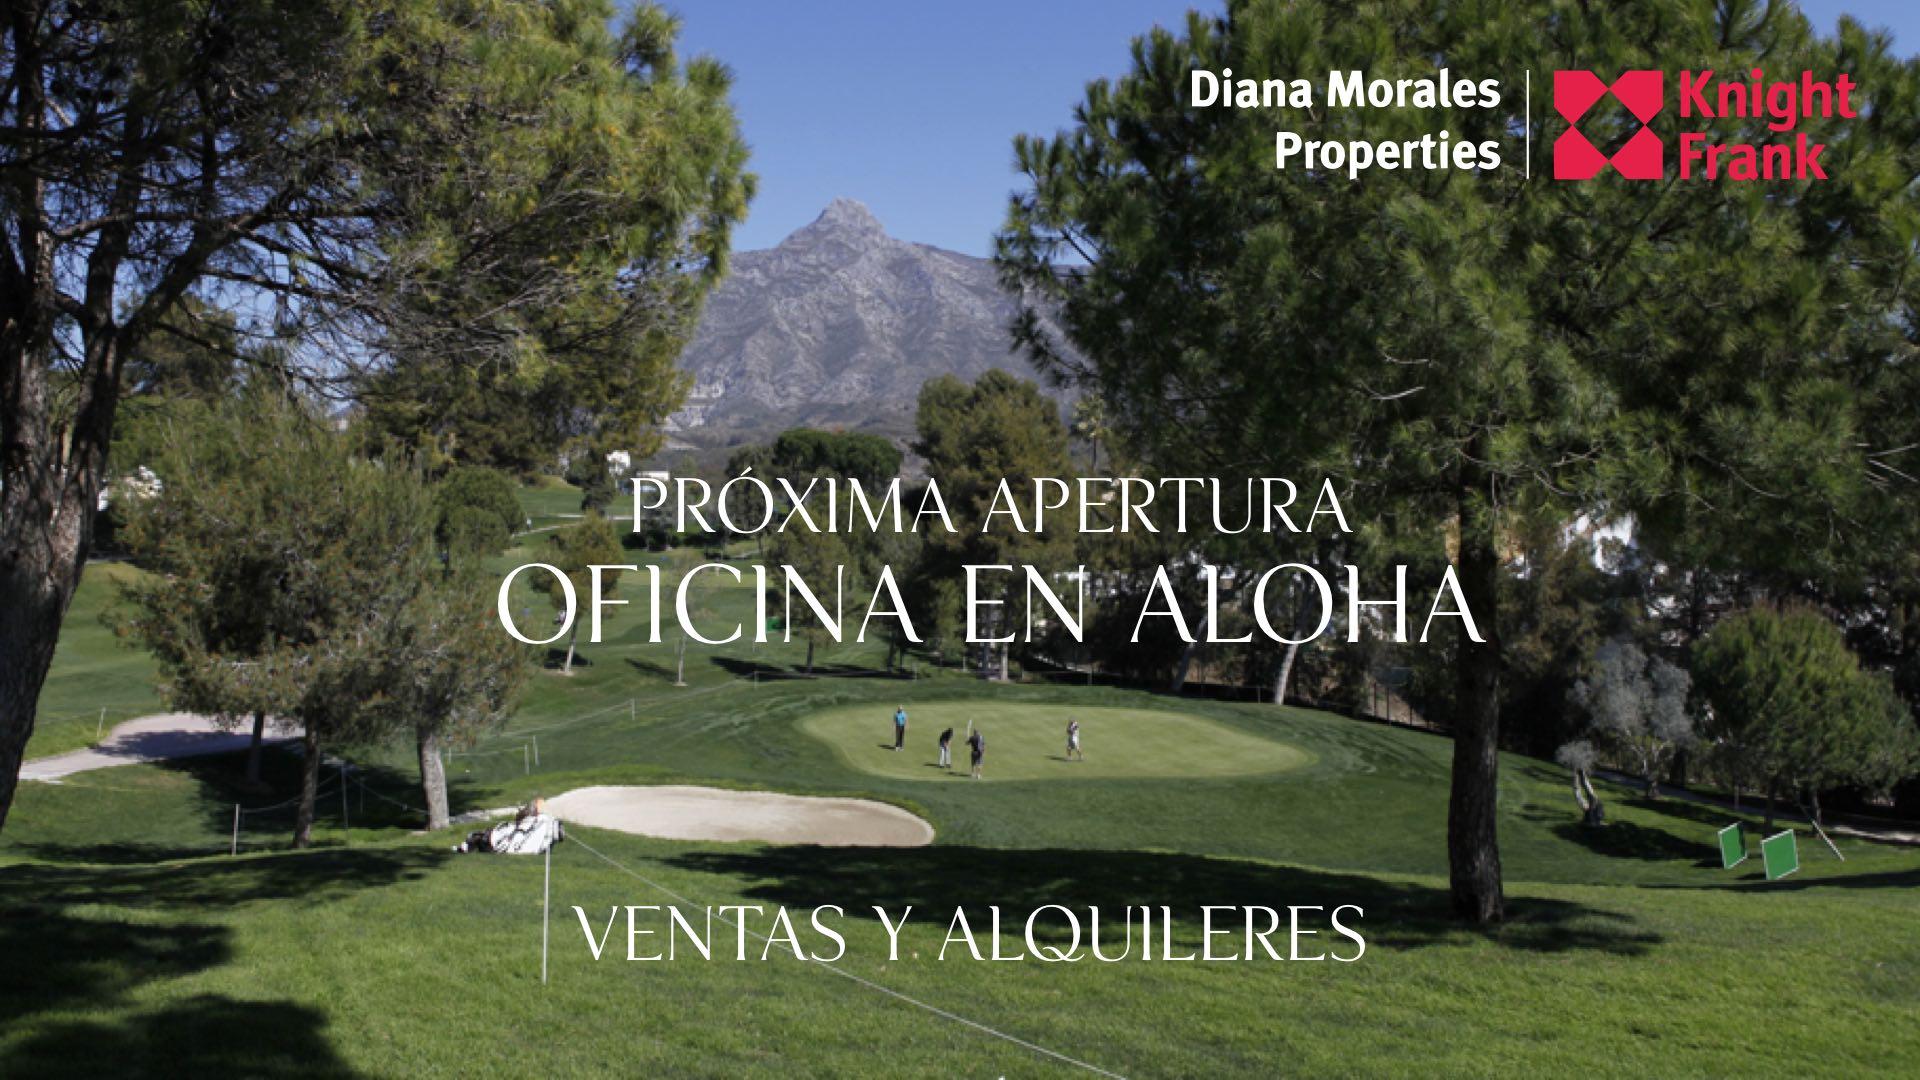 Inmobiliaria DM Properties | Knight Frank abre nueva oficina en Marbella